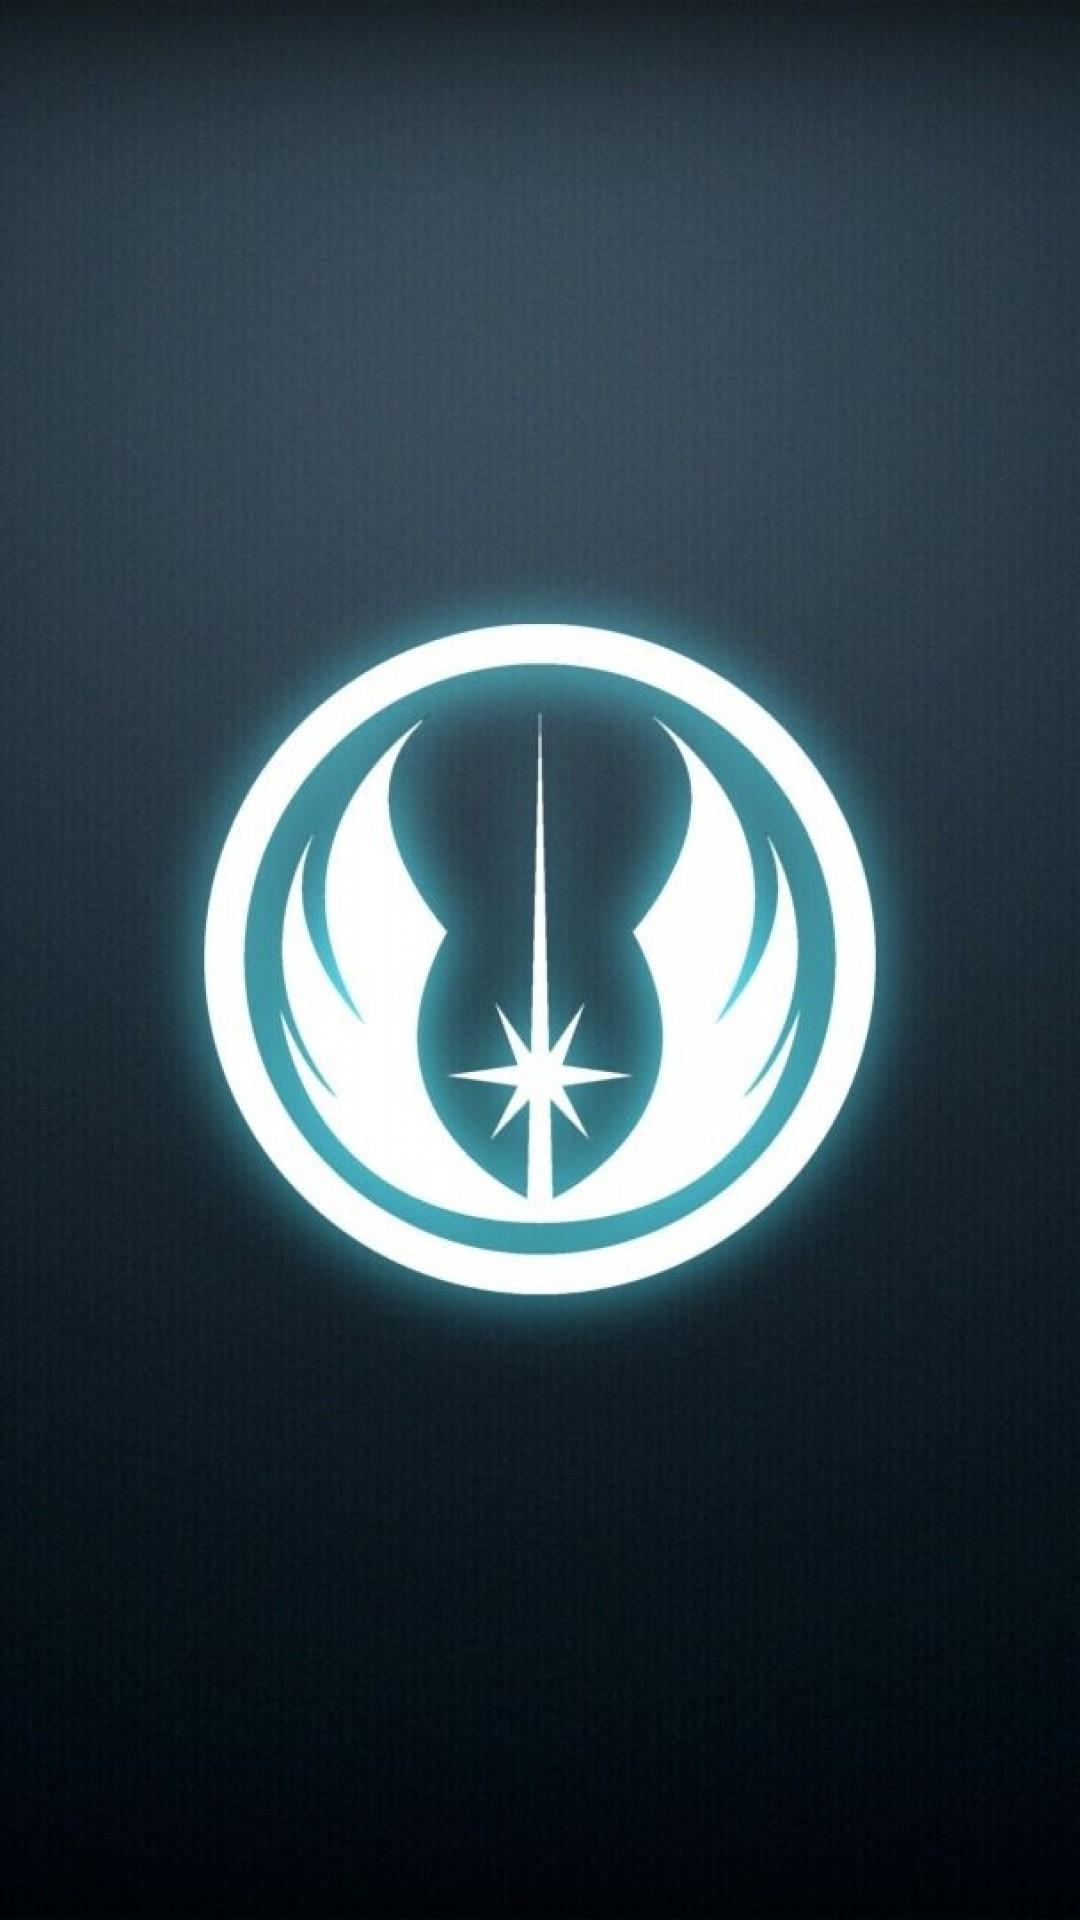 Star Wars, Jedi, Logo